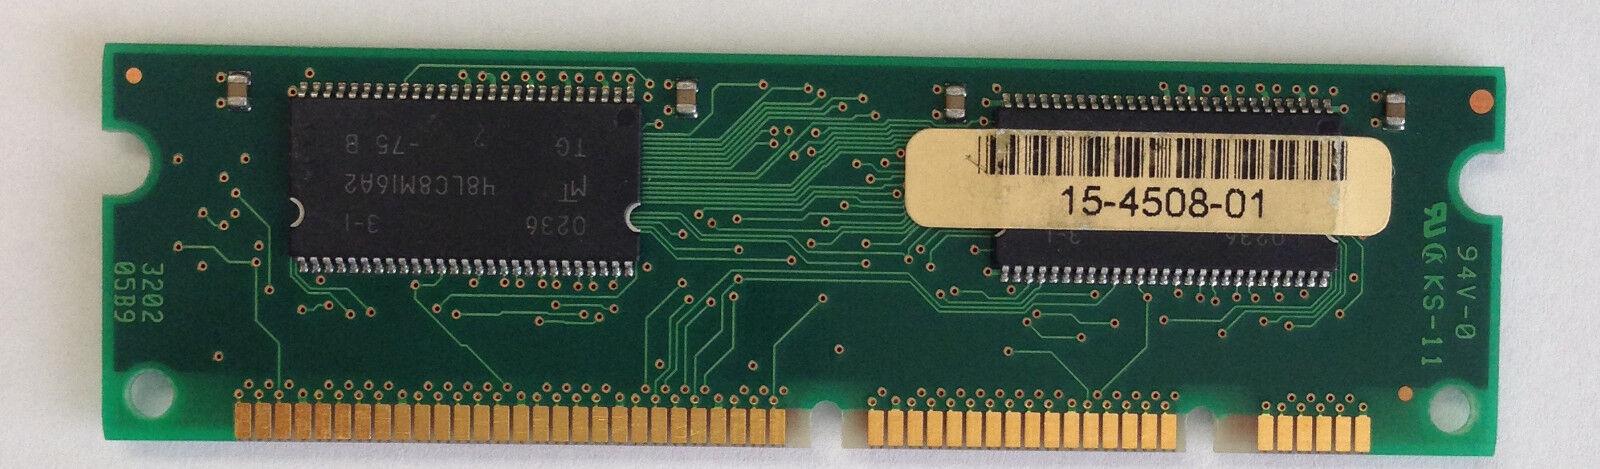 MEM2600XM-64D 64MB DRAM Memory Cisco Approved 2600XM Original Genuine 15-4508-01